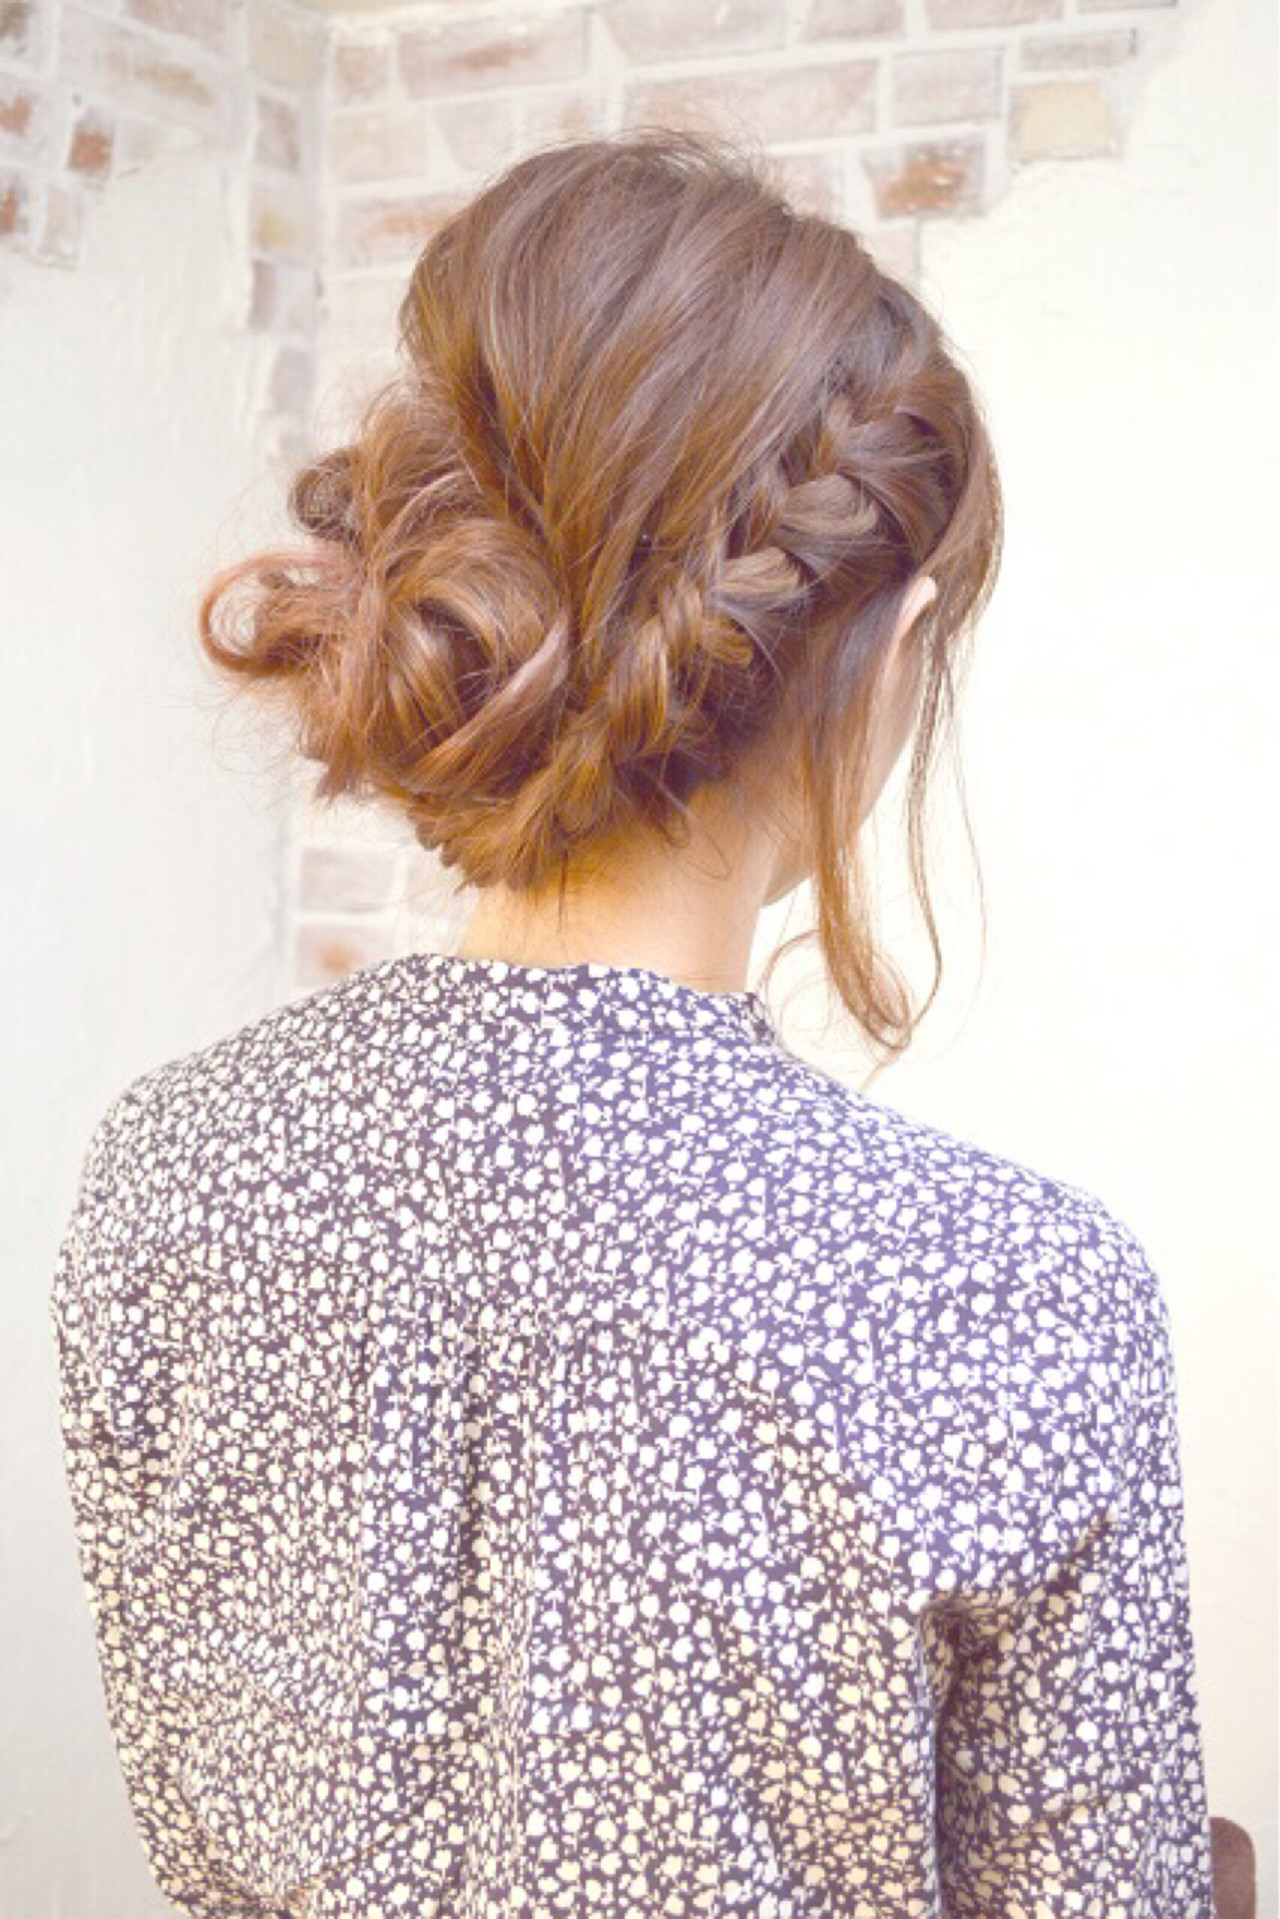 まとめ髪 ヘアアレンジ ロング ねじり ヘアスタイルや髪型の写真・画像